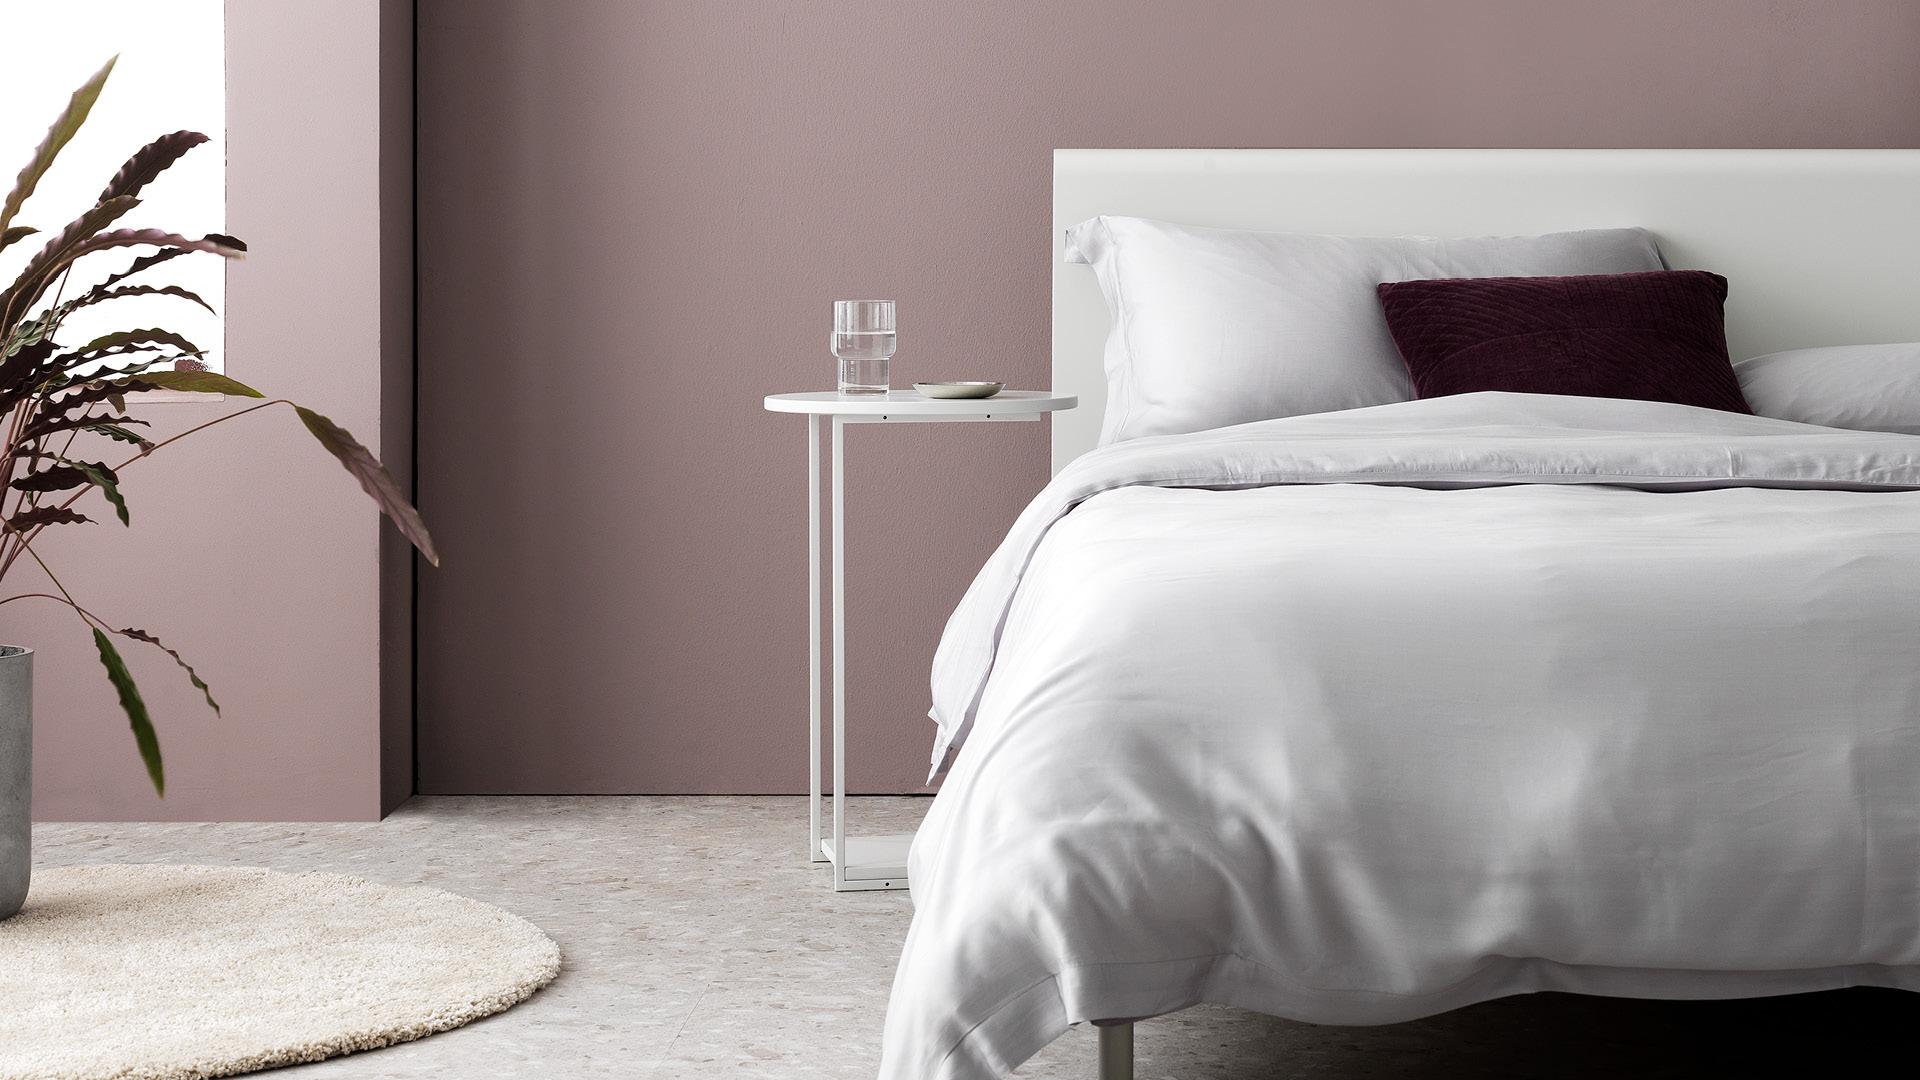 纯净卧室,照顾不愿起身的周末